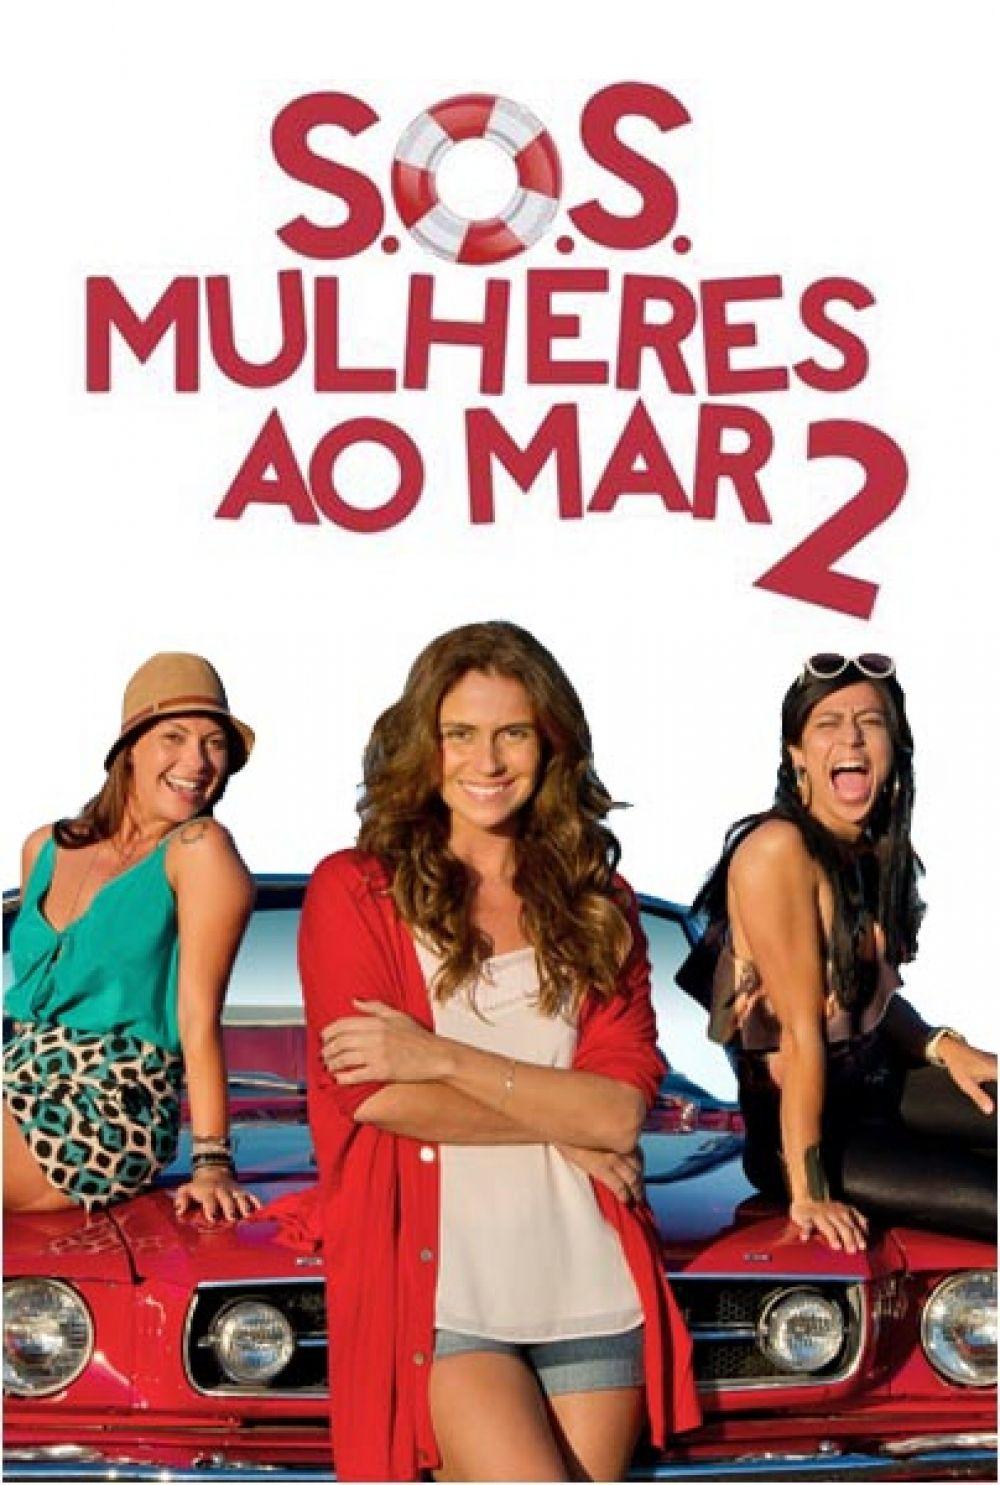 S O S Mulheres Ao Mar 2 Capas De Filmes Mulheres Filmes